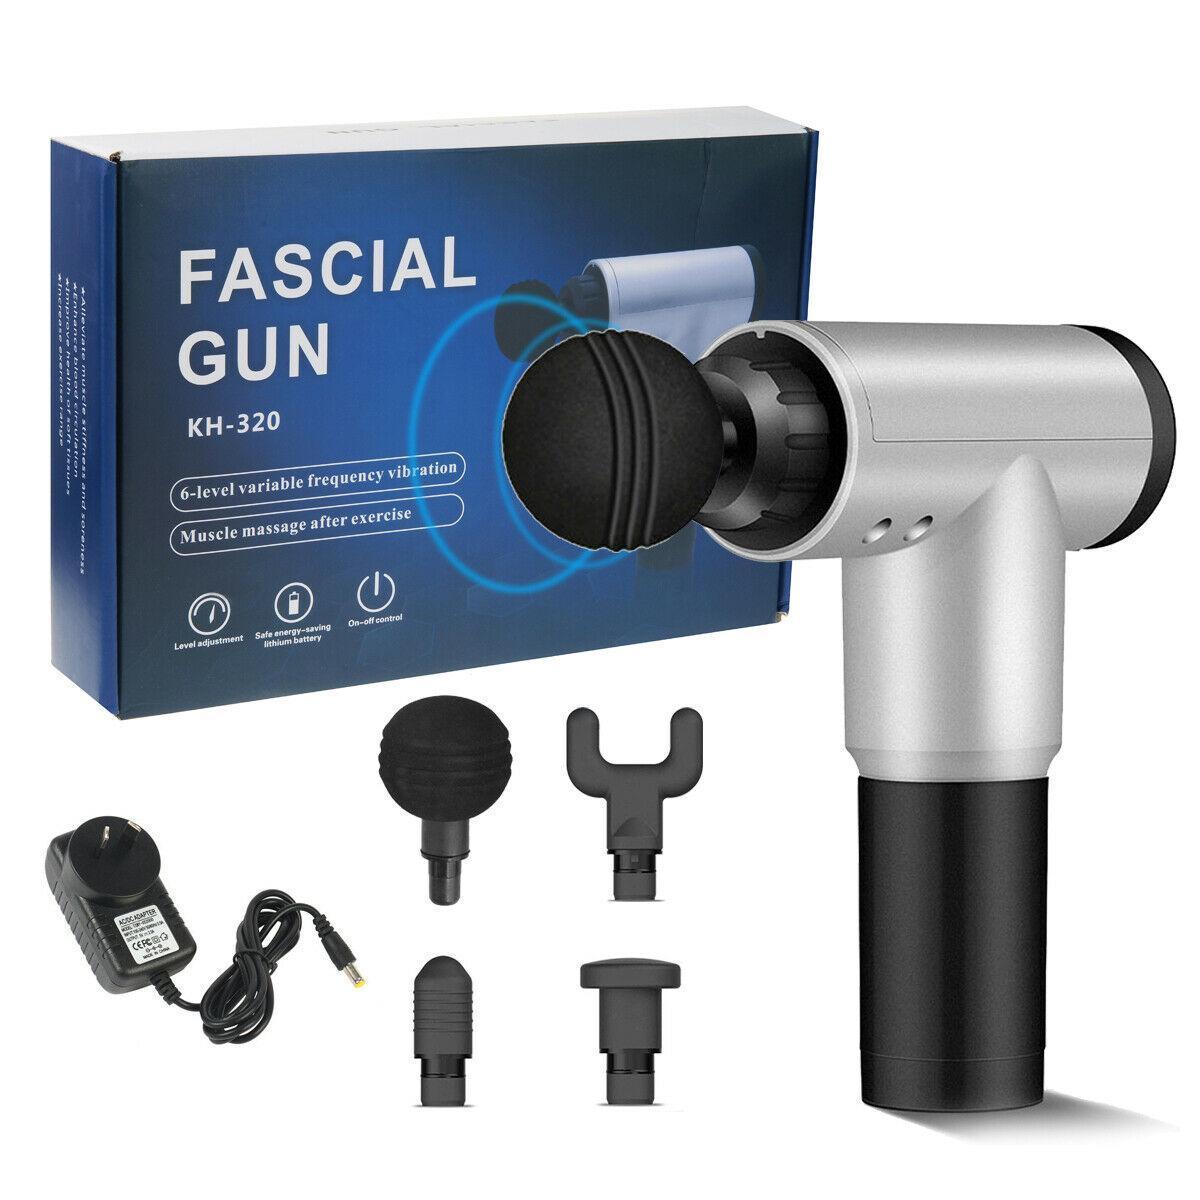 Массажный пистолет для фасциального массажа (Fascial Gun HG-320)